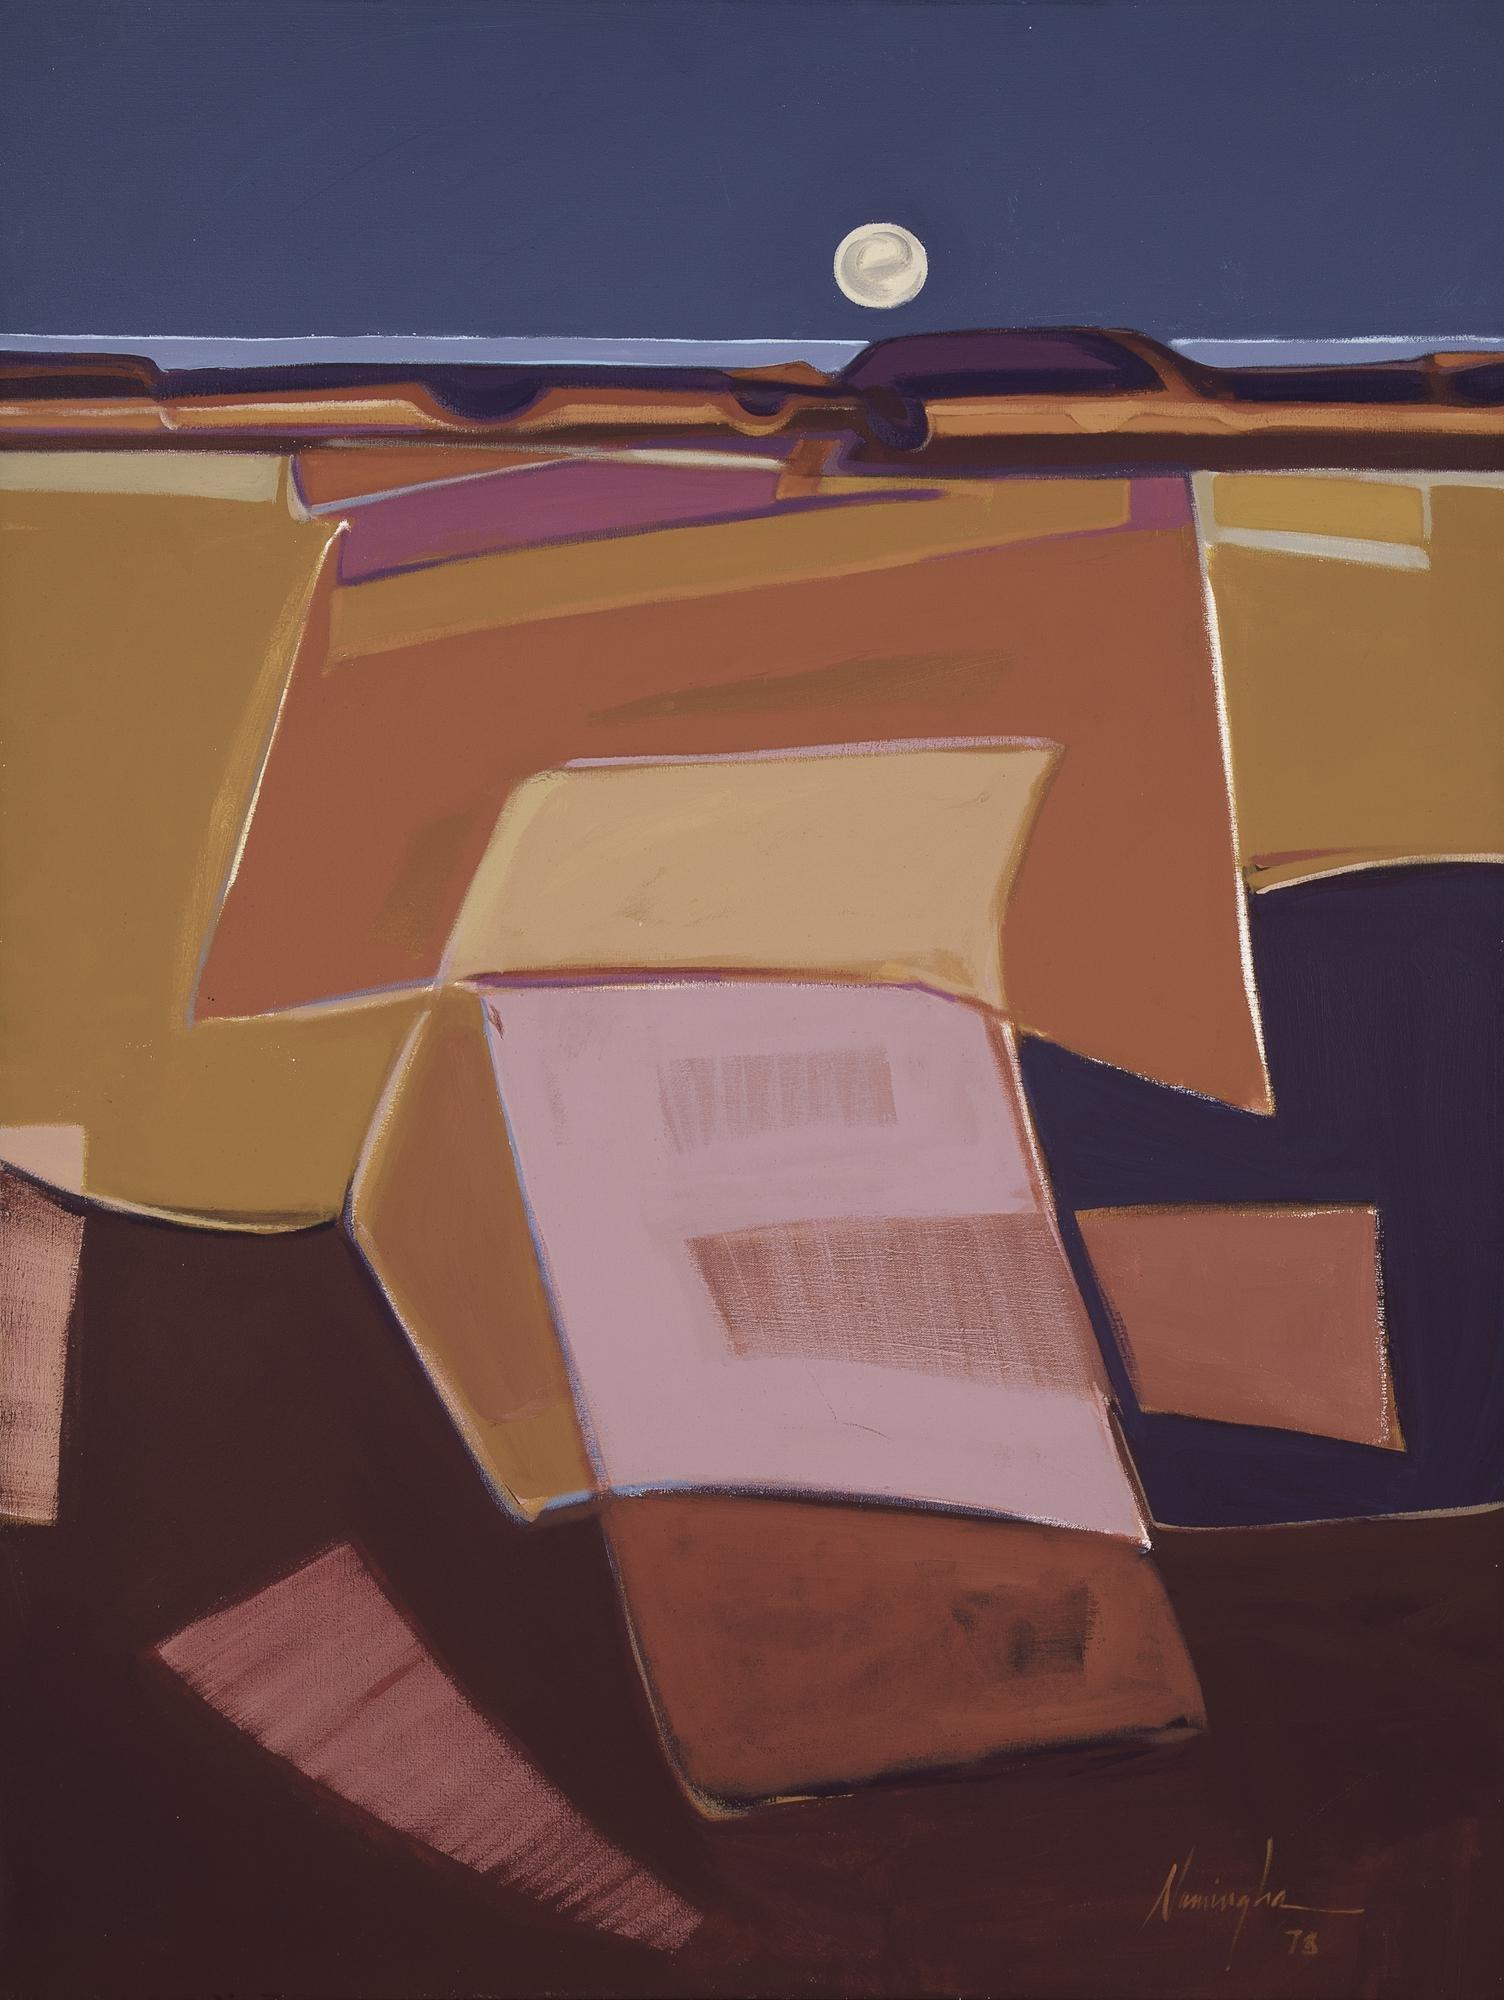 Dan Namingha, Studio View, 1978